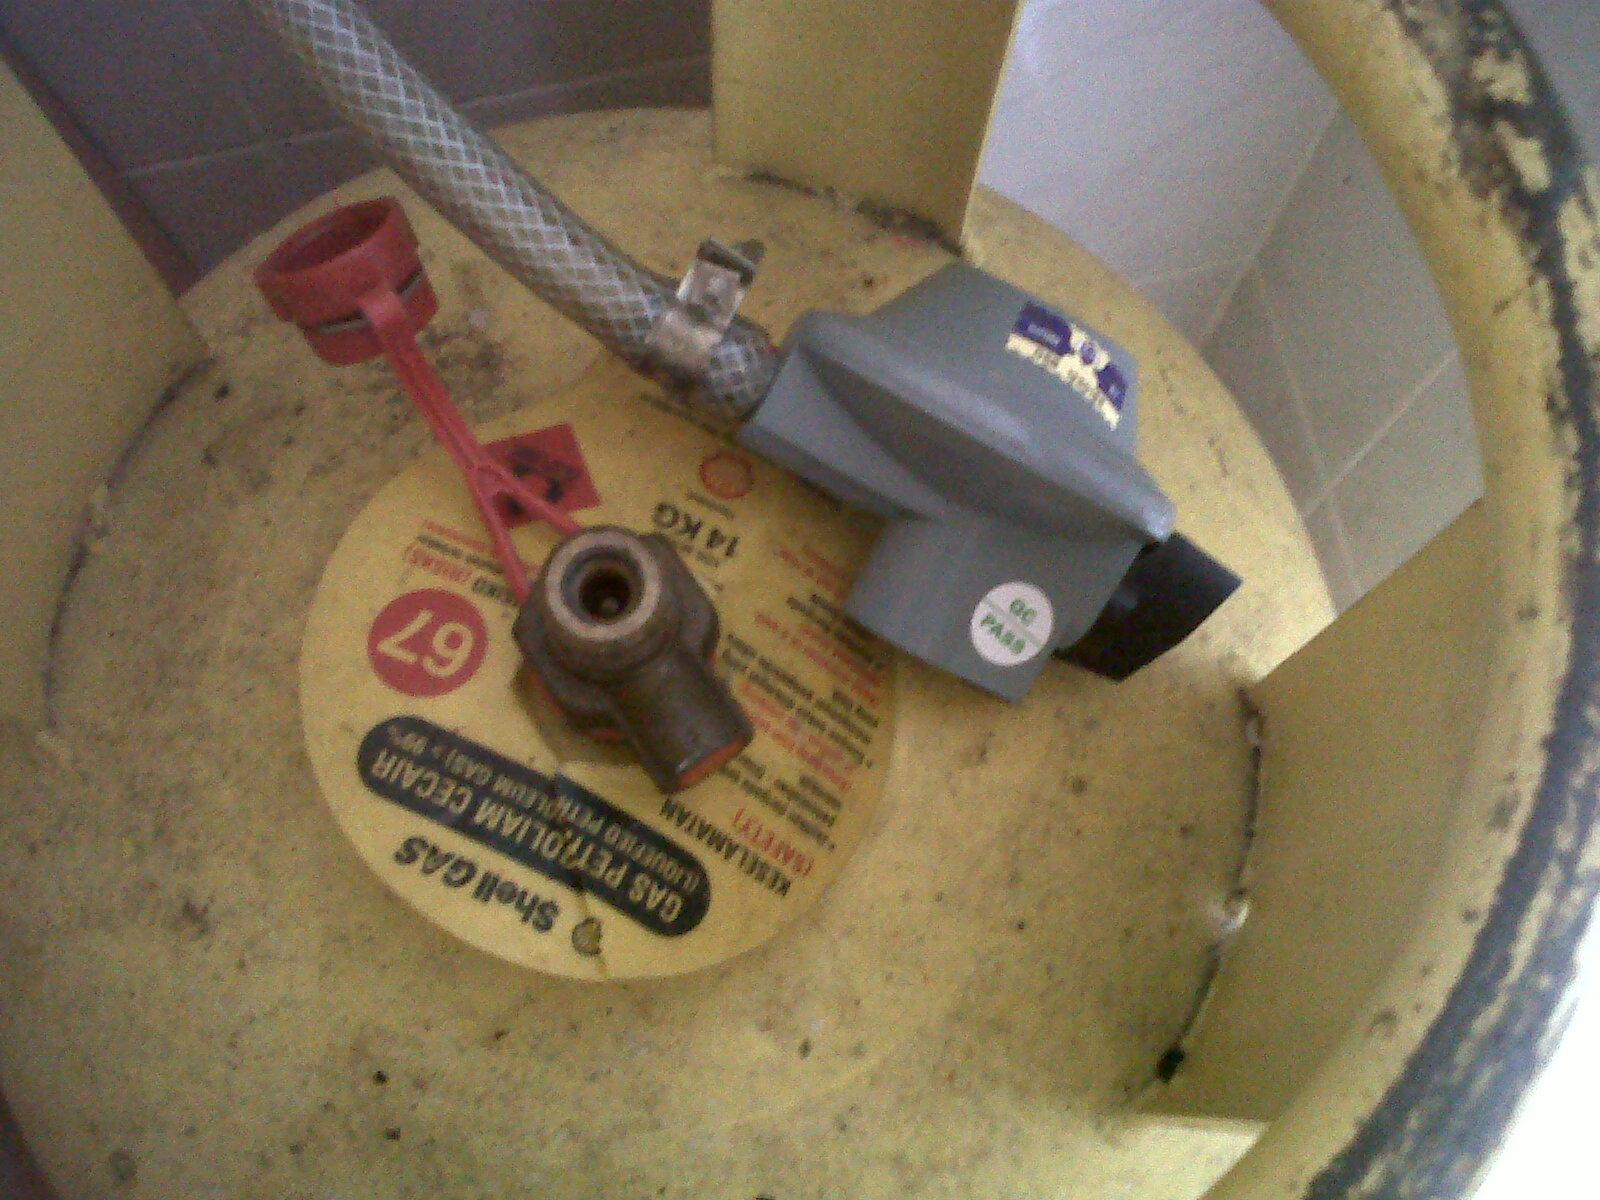 Sebelum Sambung Pastikan Kunci Kepala Gas Tunjuk Arah Jam Pukul 12